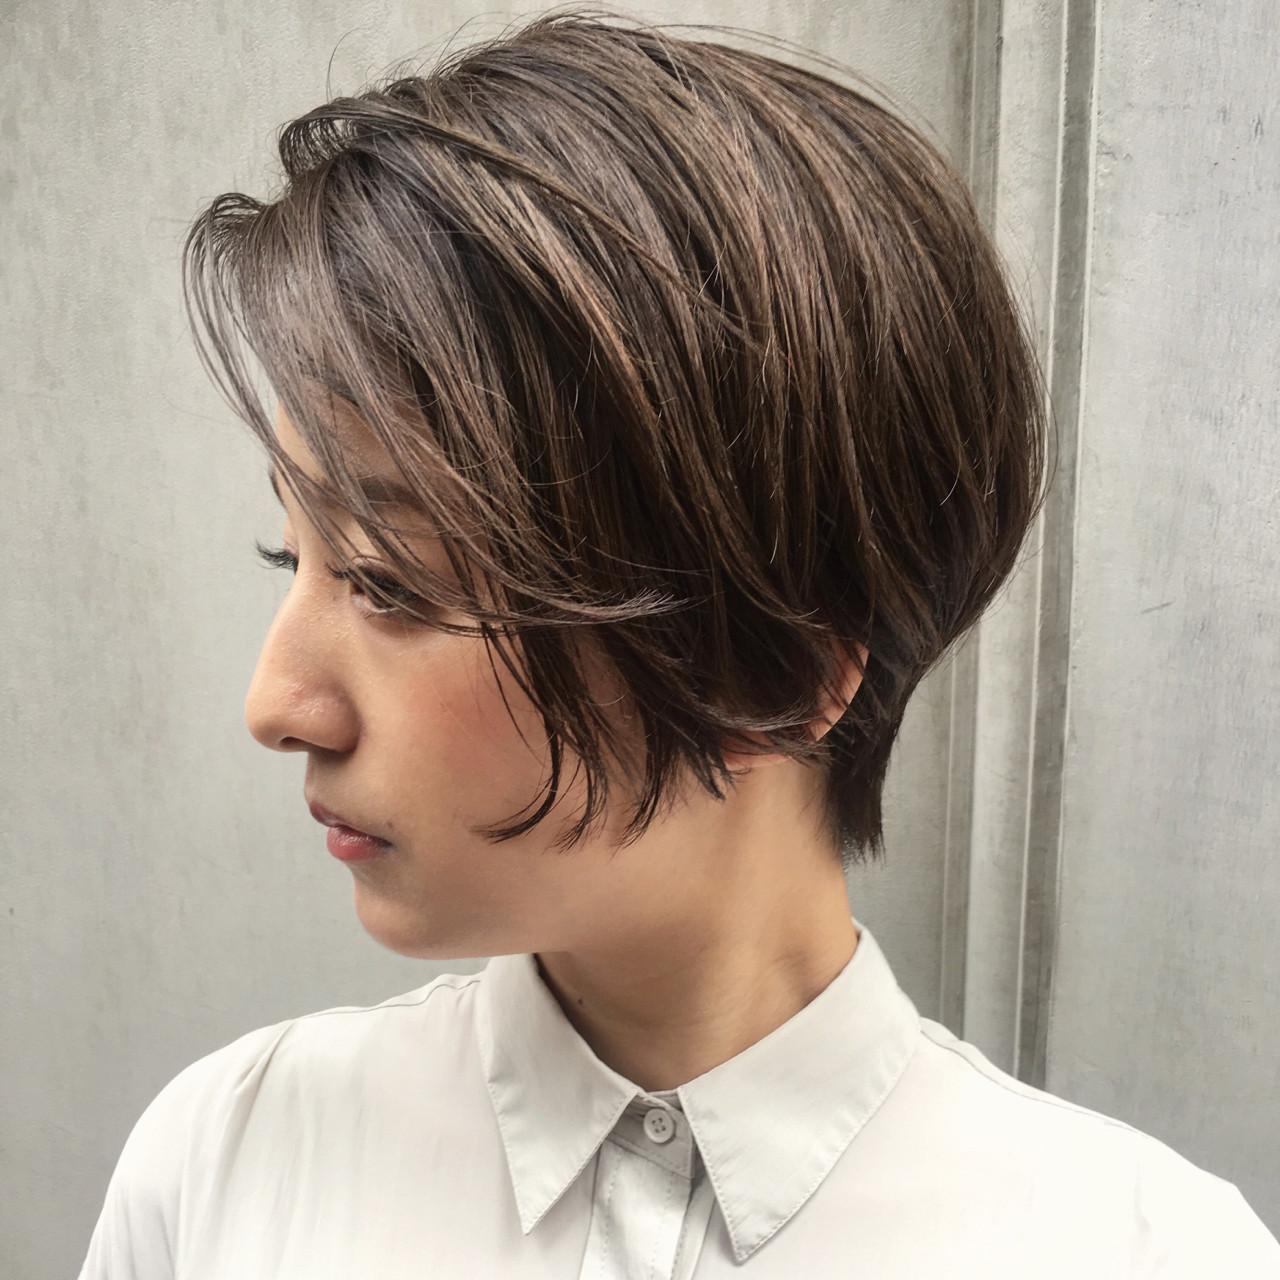 女子会 リラックス オフィス ナチュラル ヘアスタイルや髪型の写真・画像 | ショートボブの匠【 山内大成 】『i.hair』 / 『 i. 』 omotesando